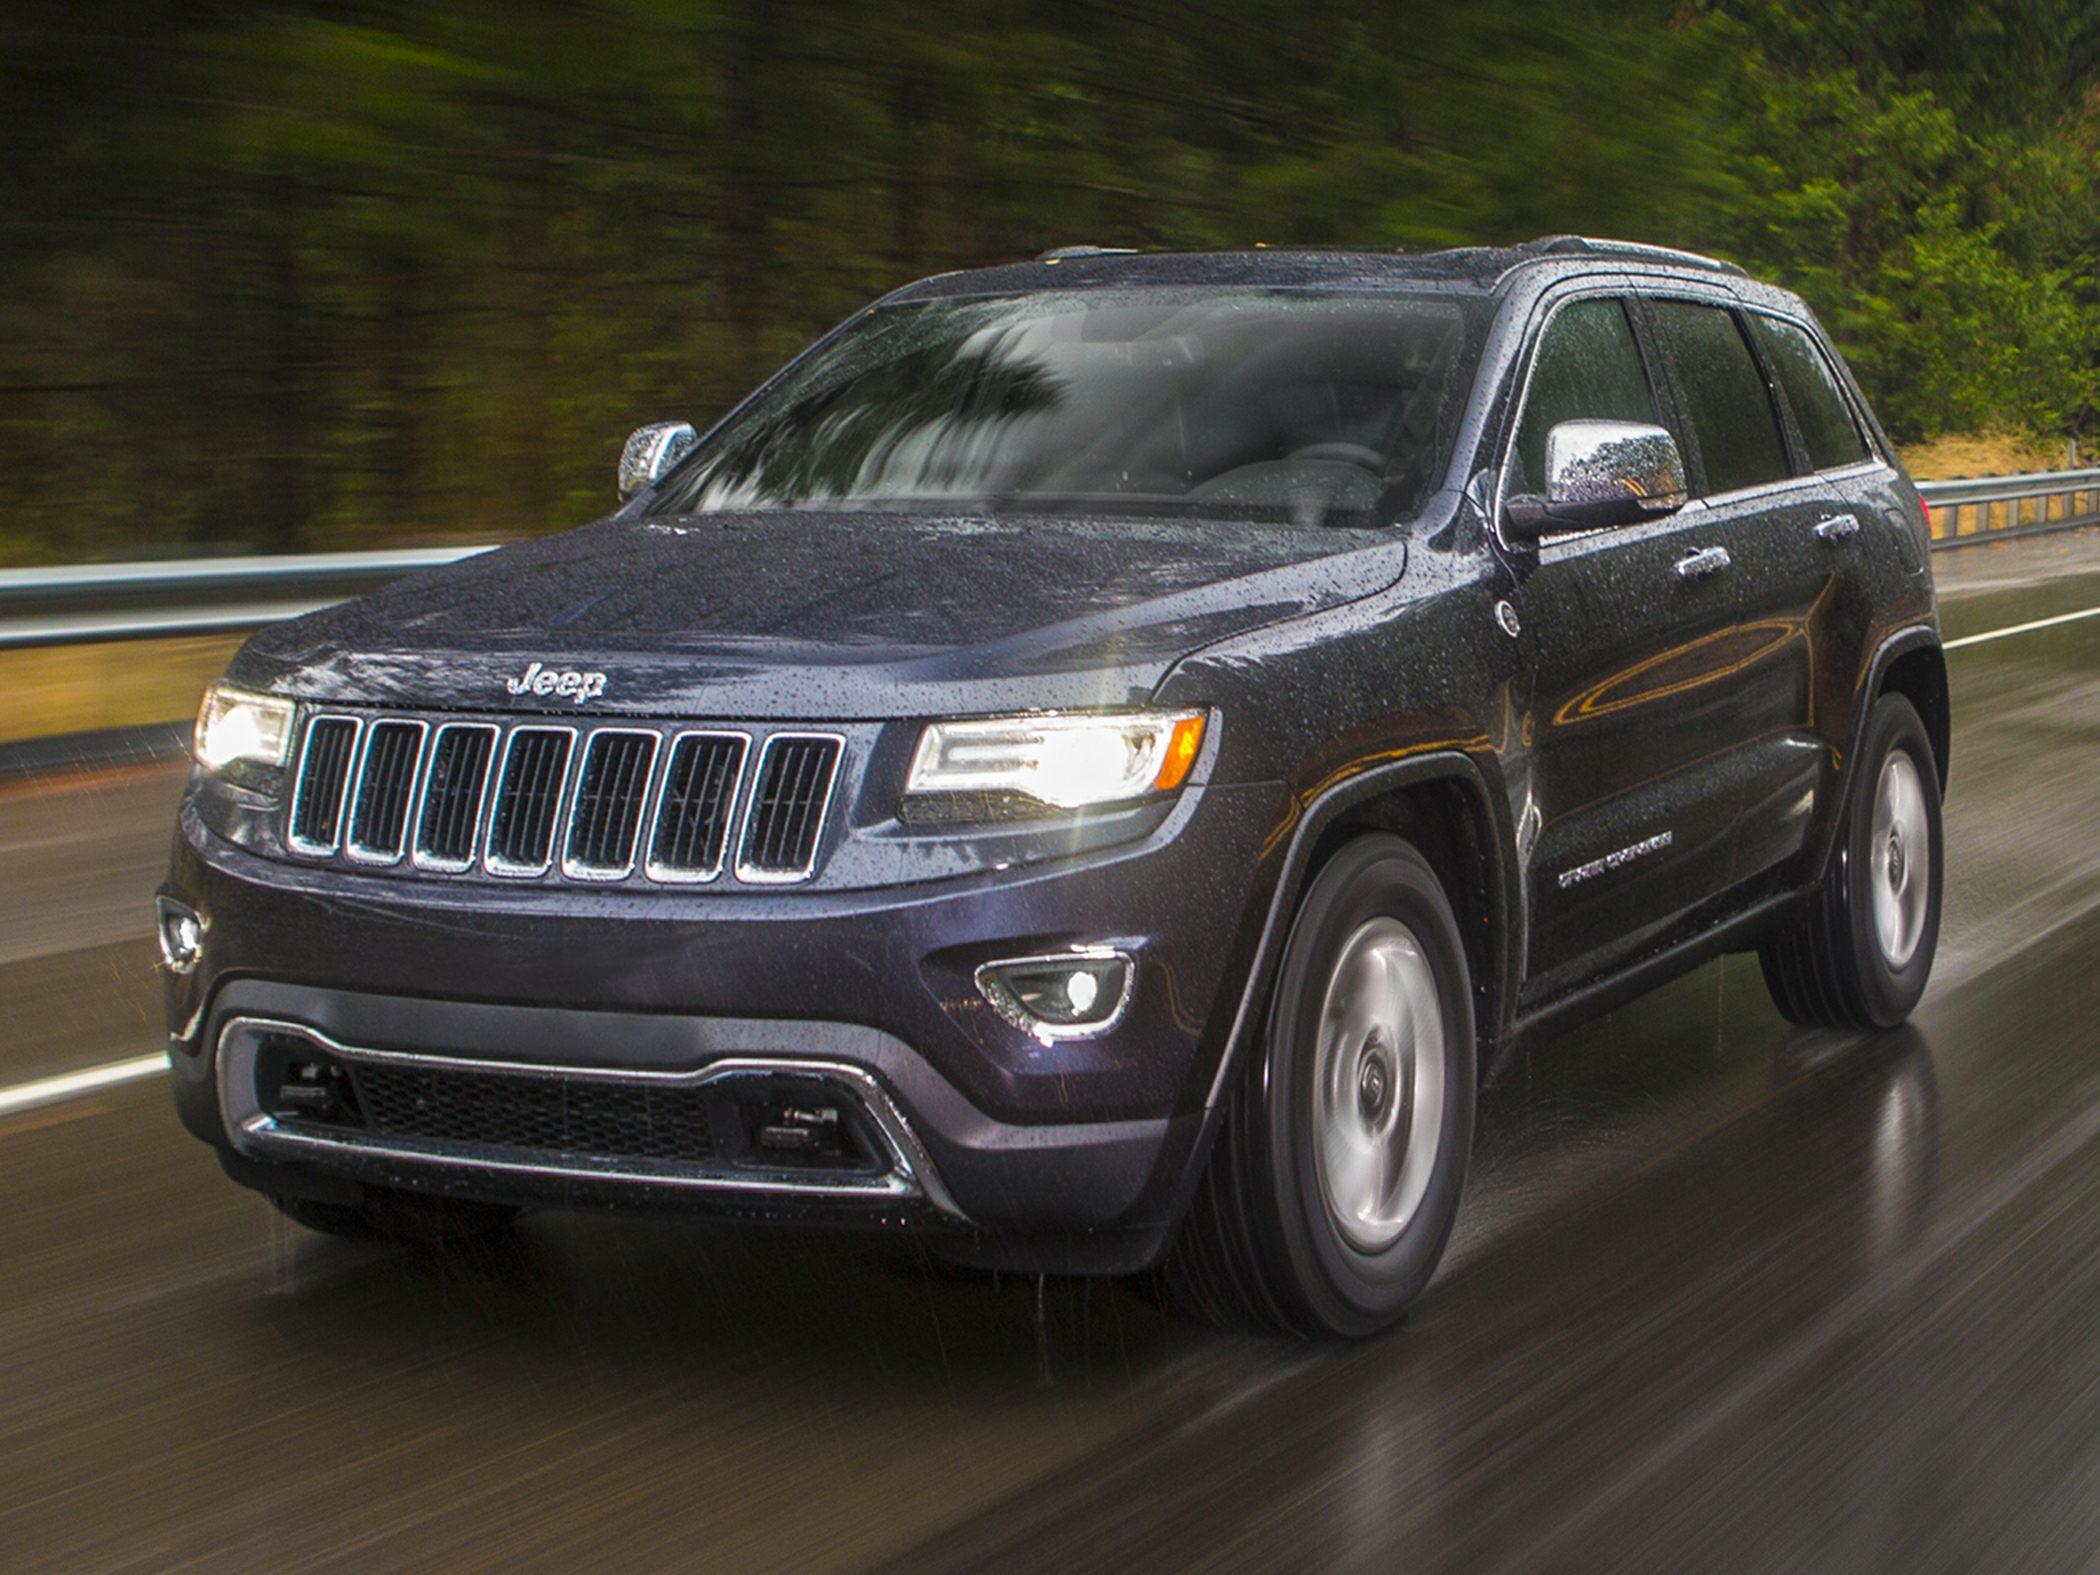 2018 jeep grand cherokee for sale in nipawin - nipawin chrysler dodge